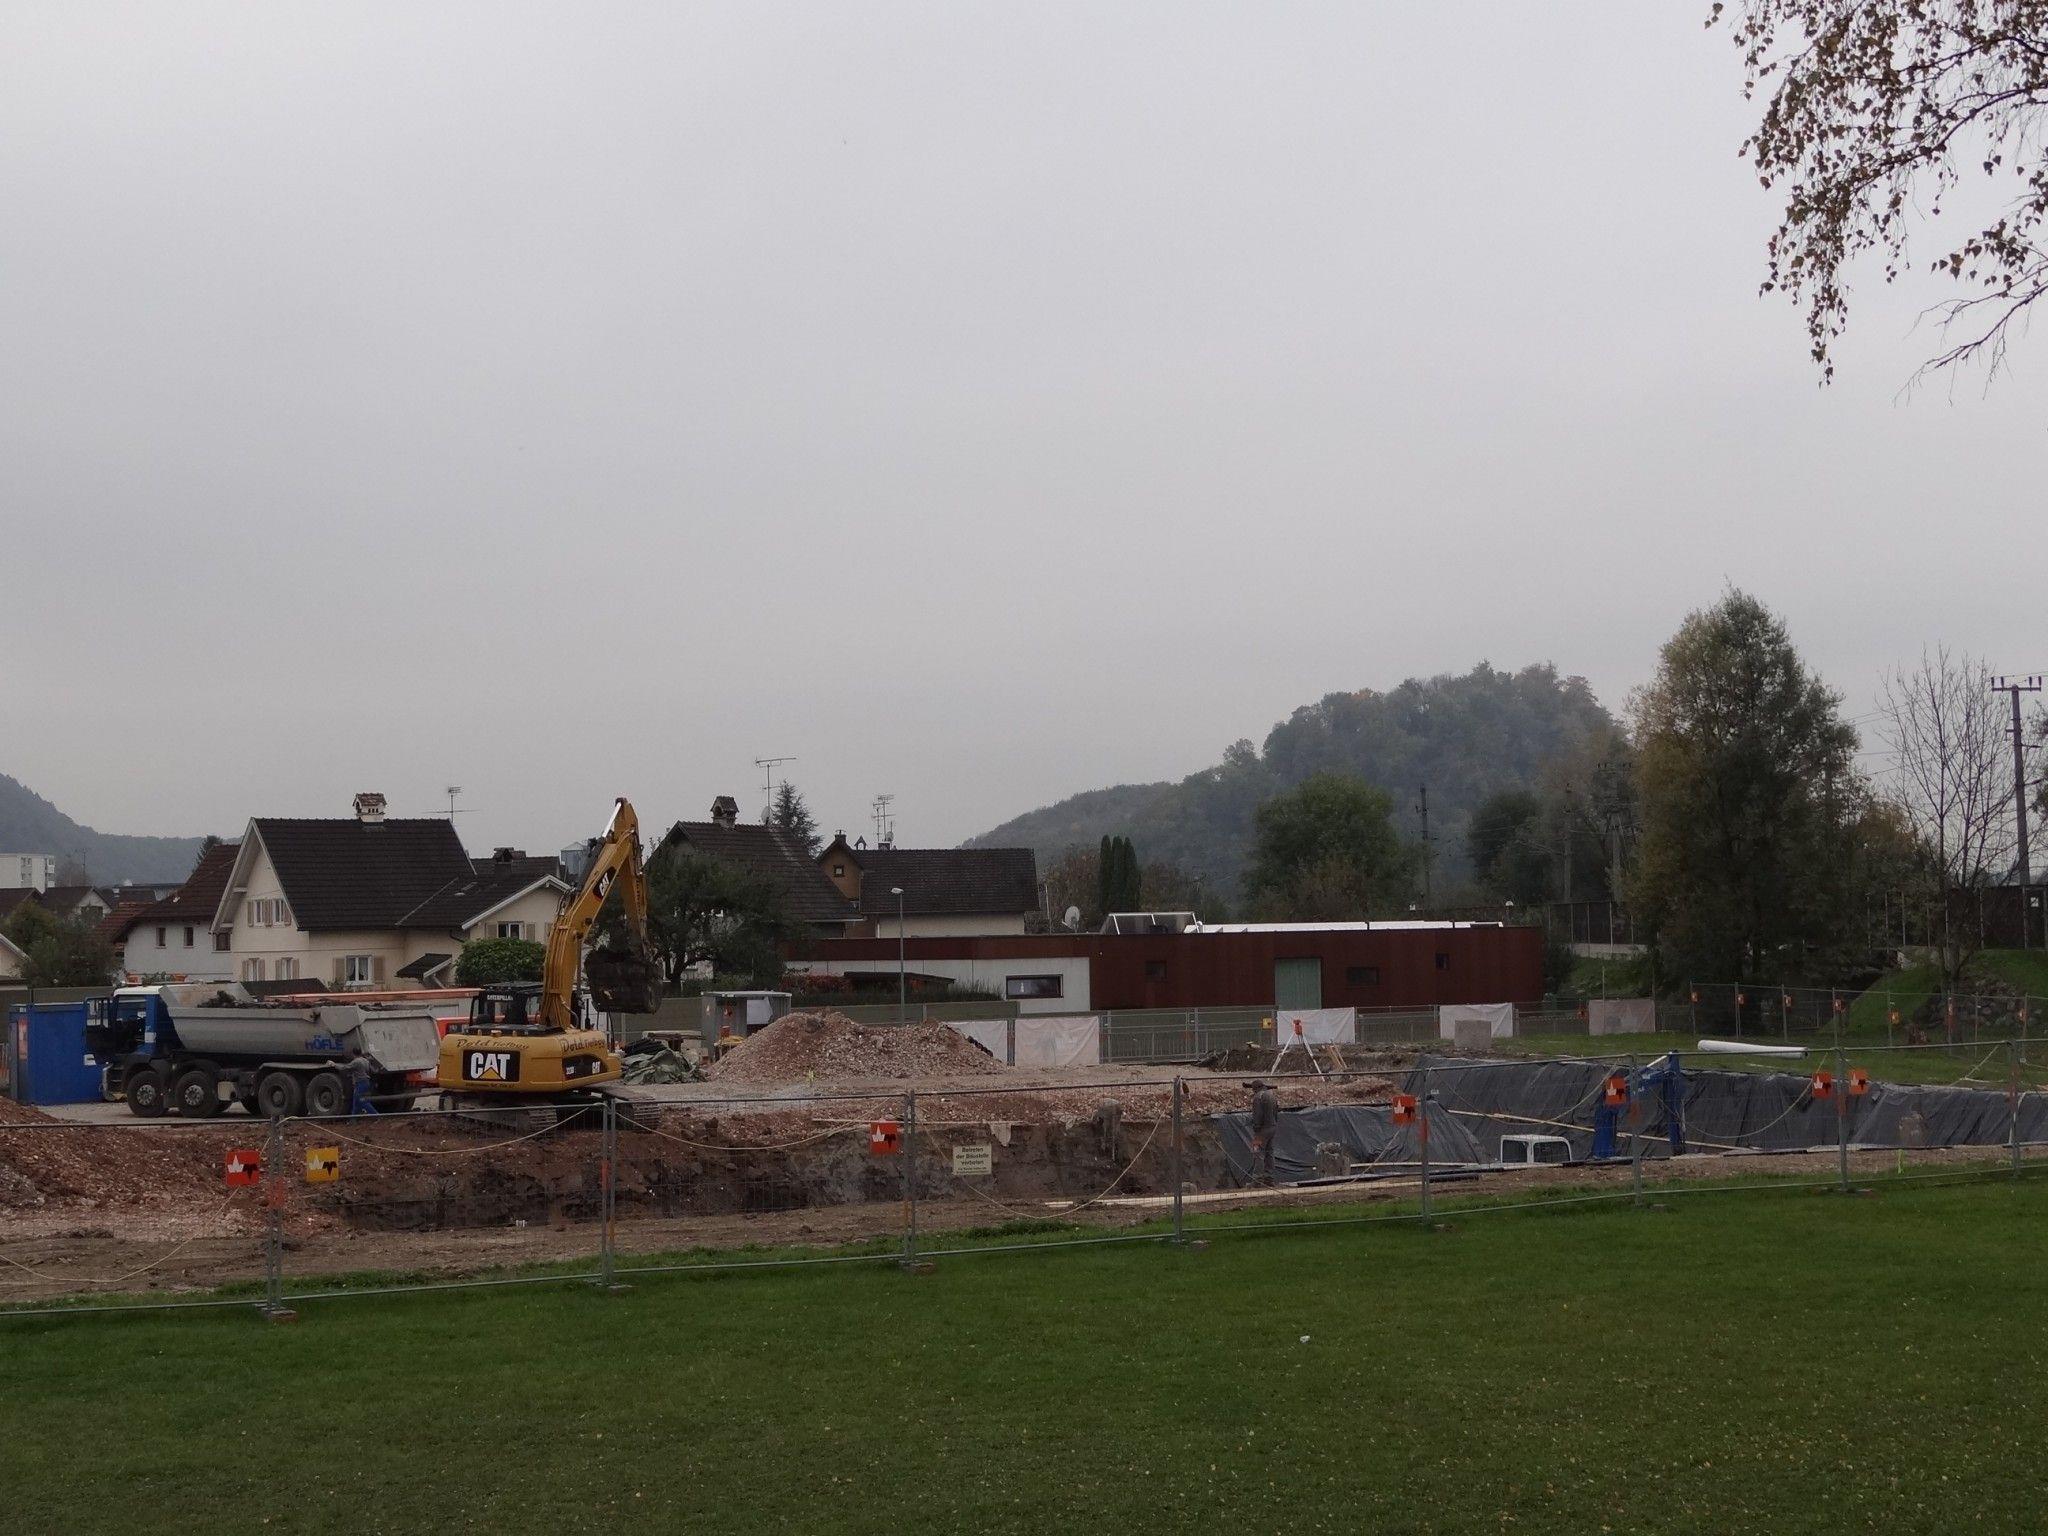 Der Aushub für das neue Feuerwehrhaus im Moos ist bereits angelaufen.